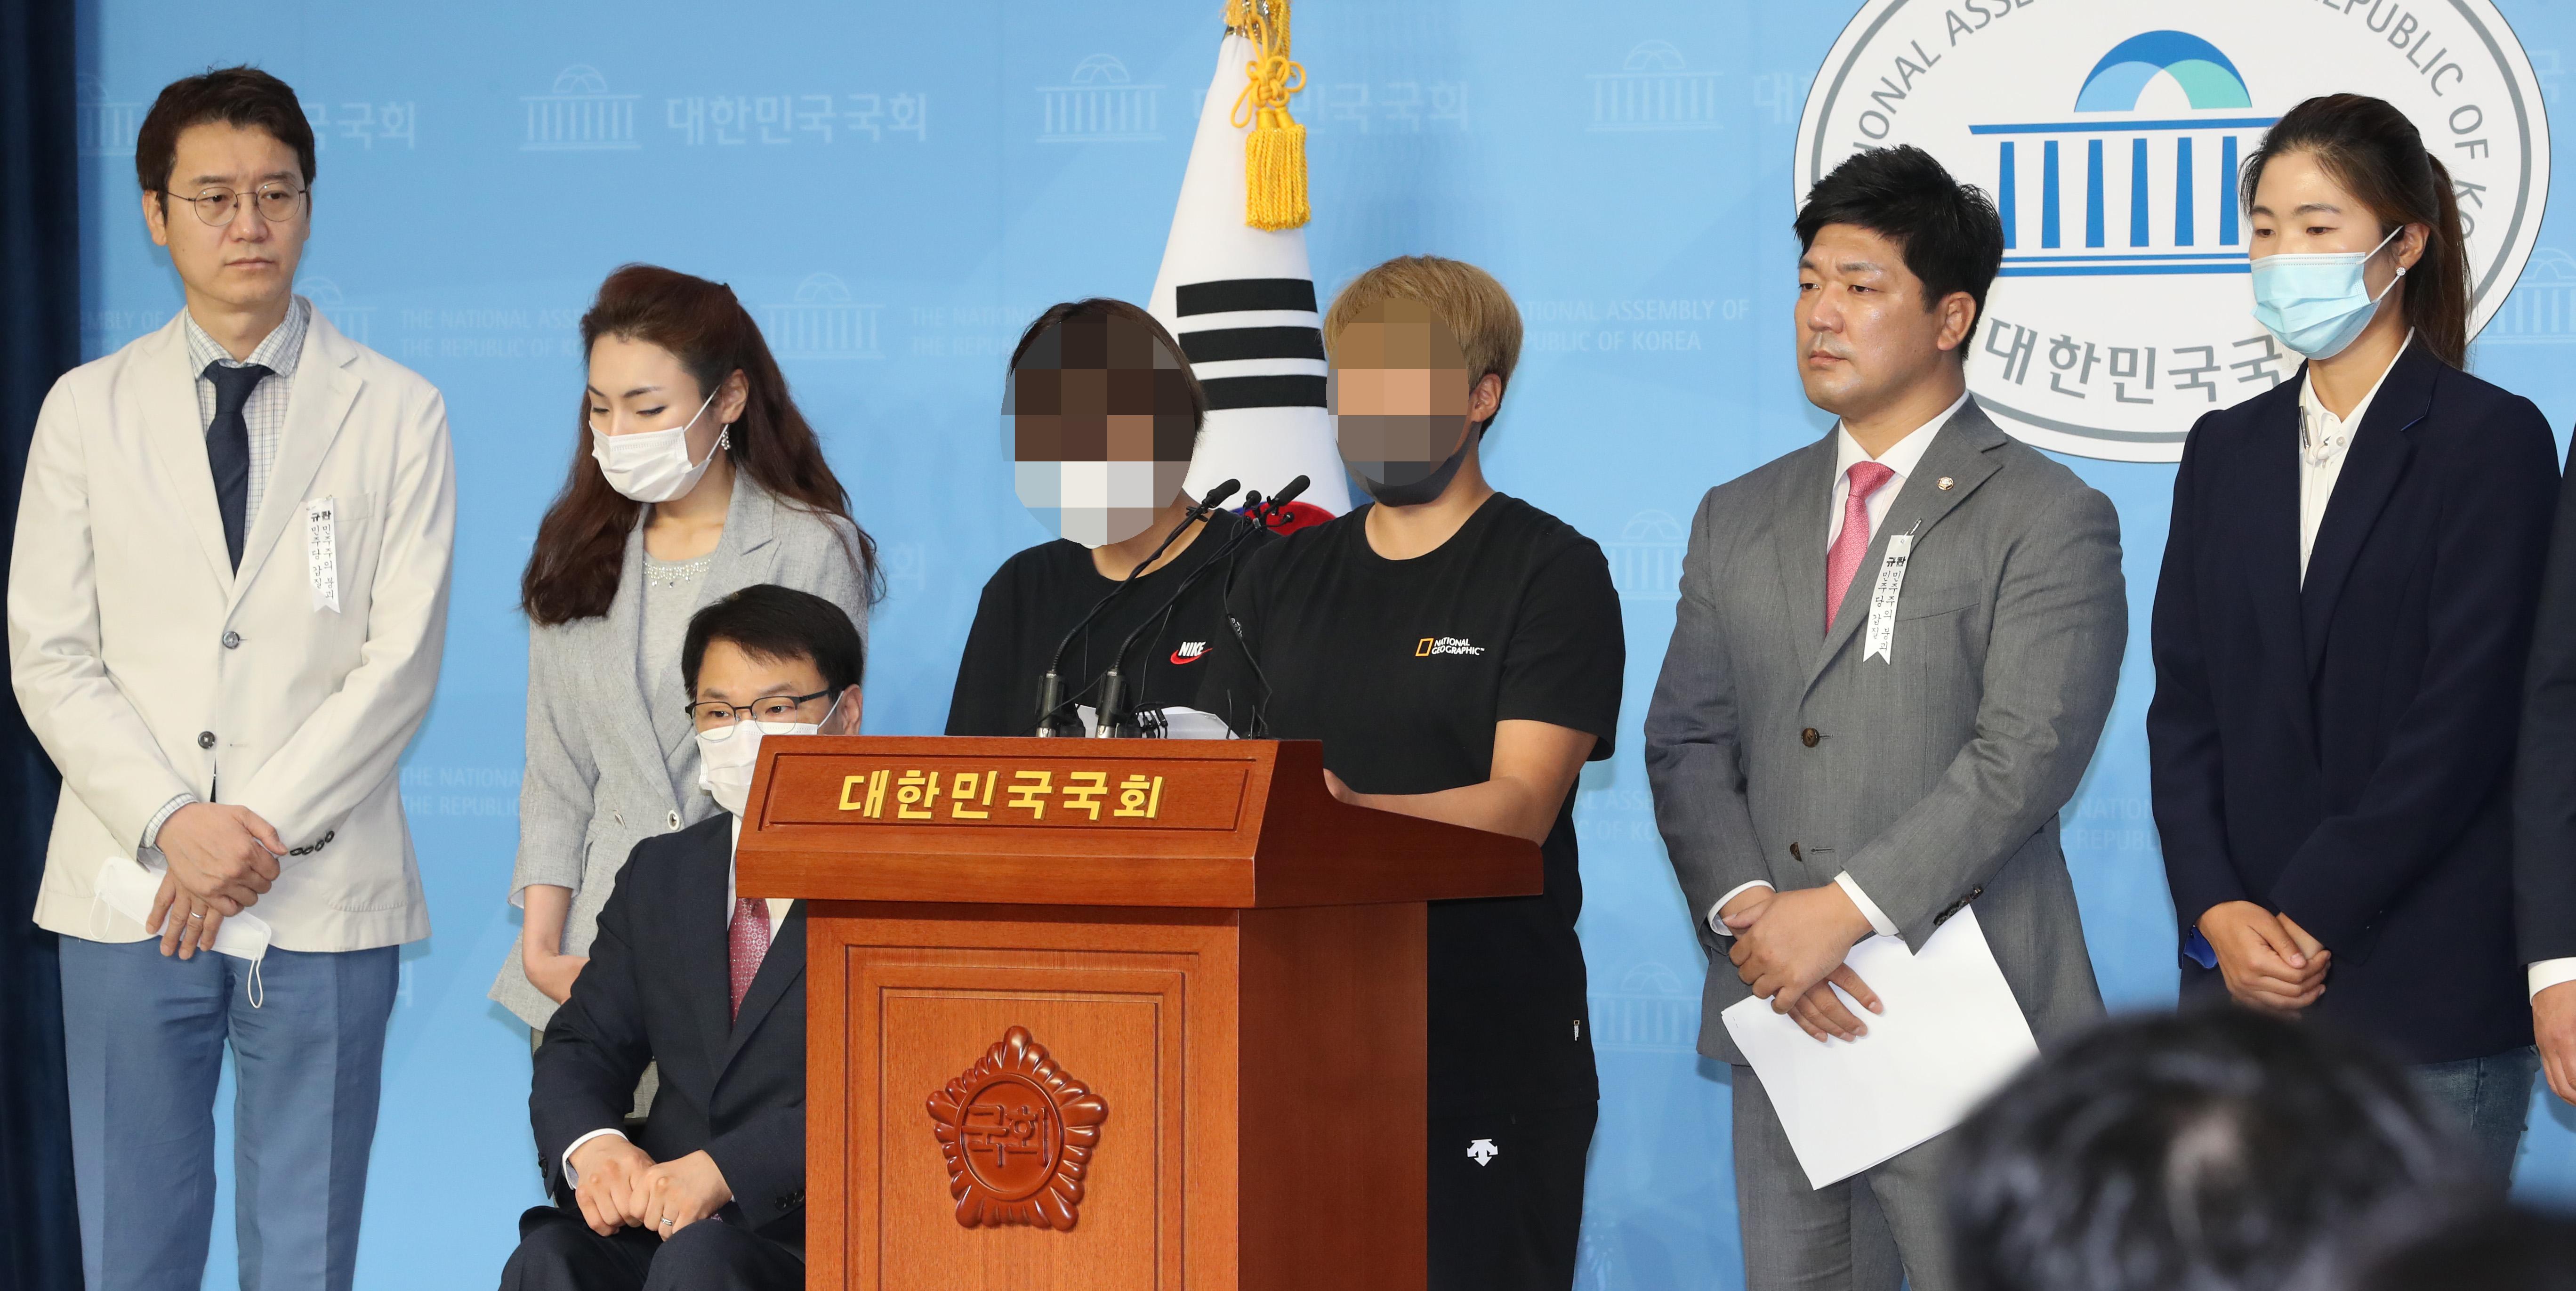 故 최숙현 선수 동료들 추가 피해 기자회견